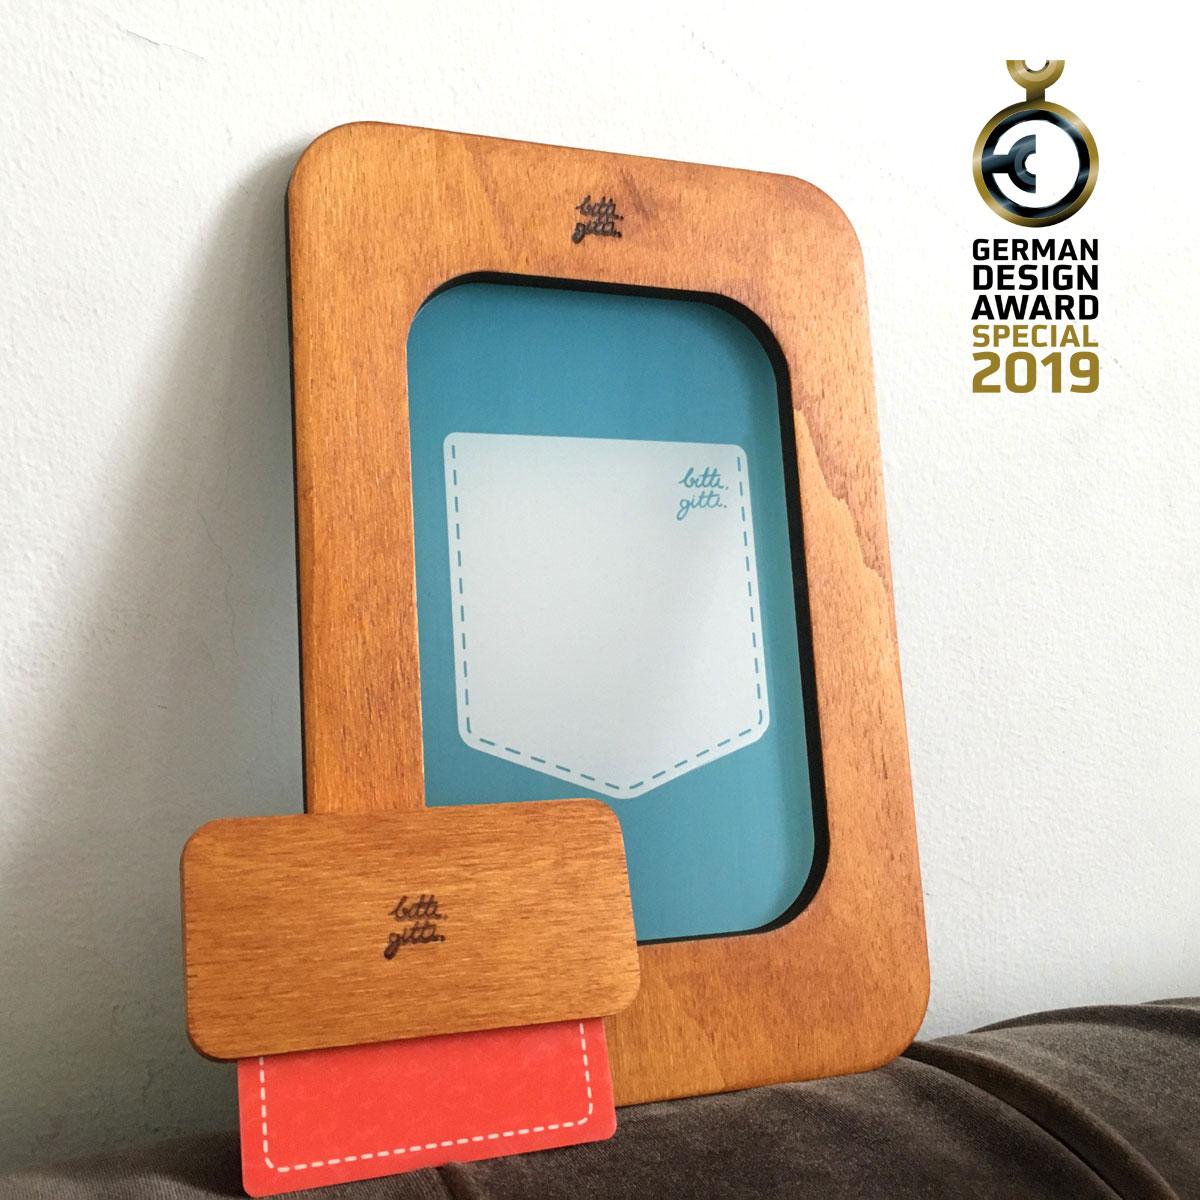 German Design Award winner screen printer